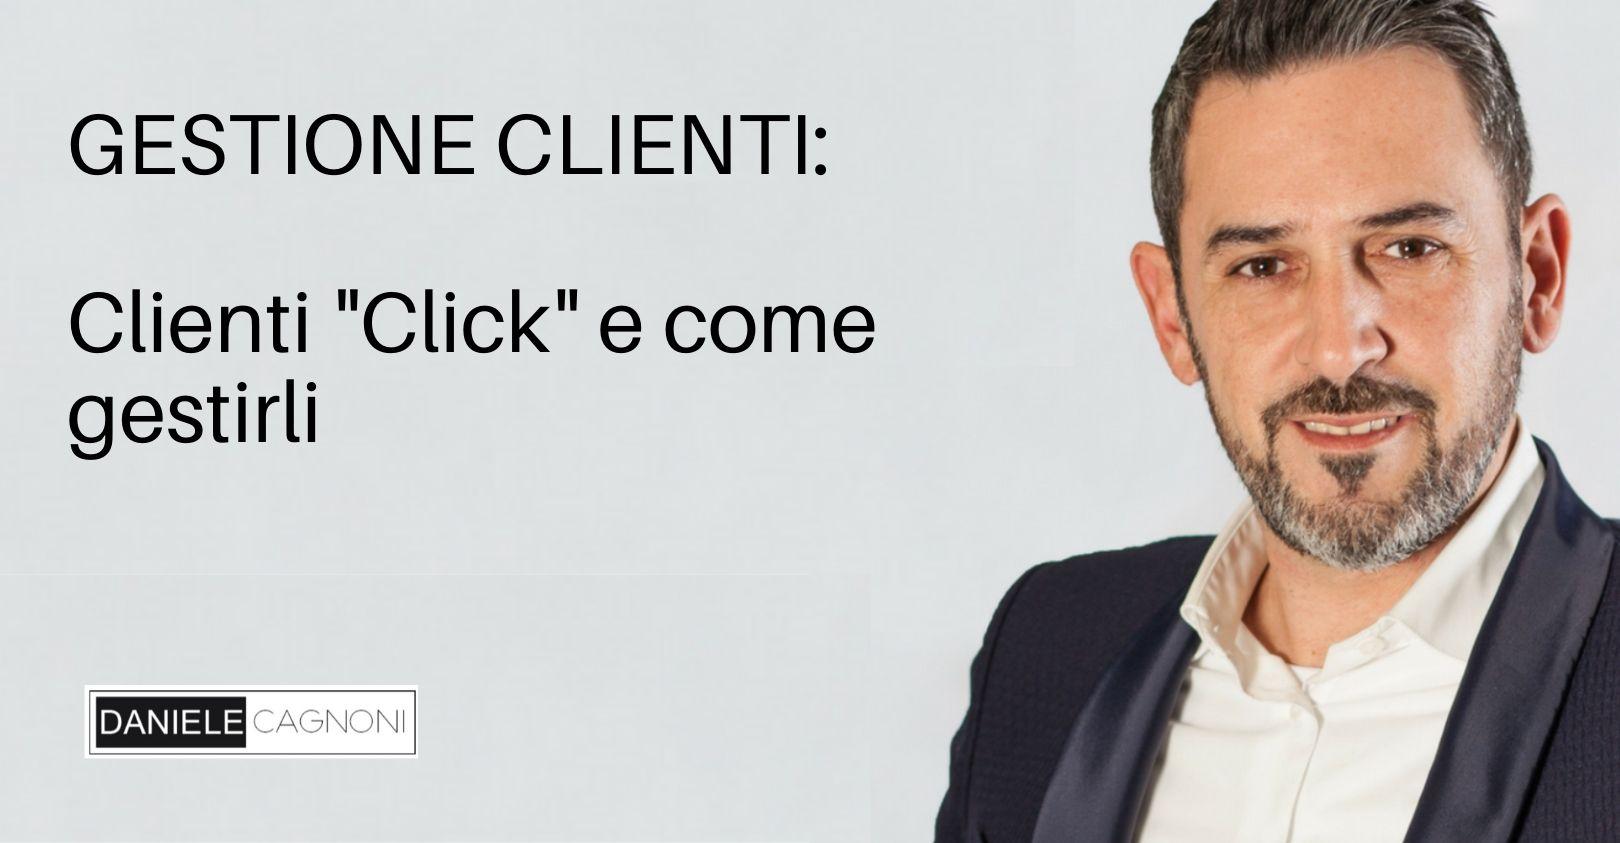 Come gestire la clientela oggi